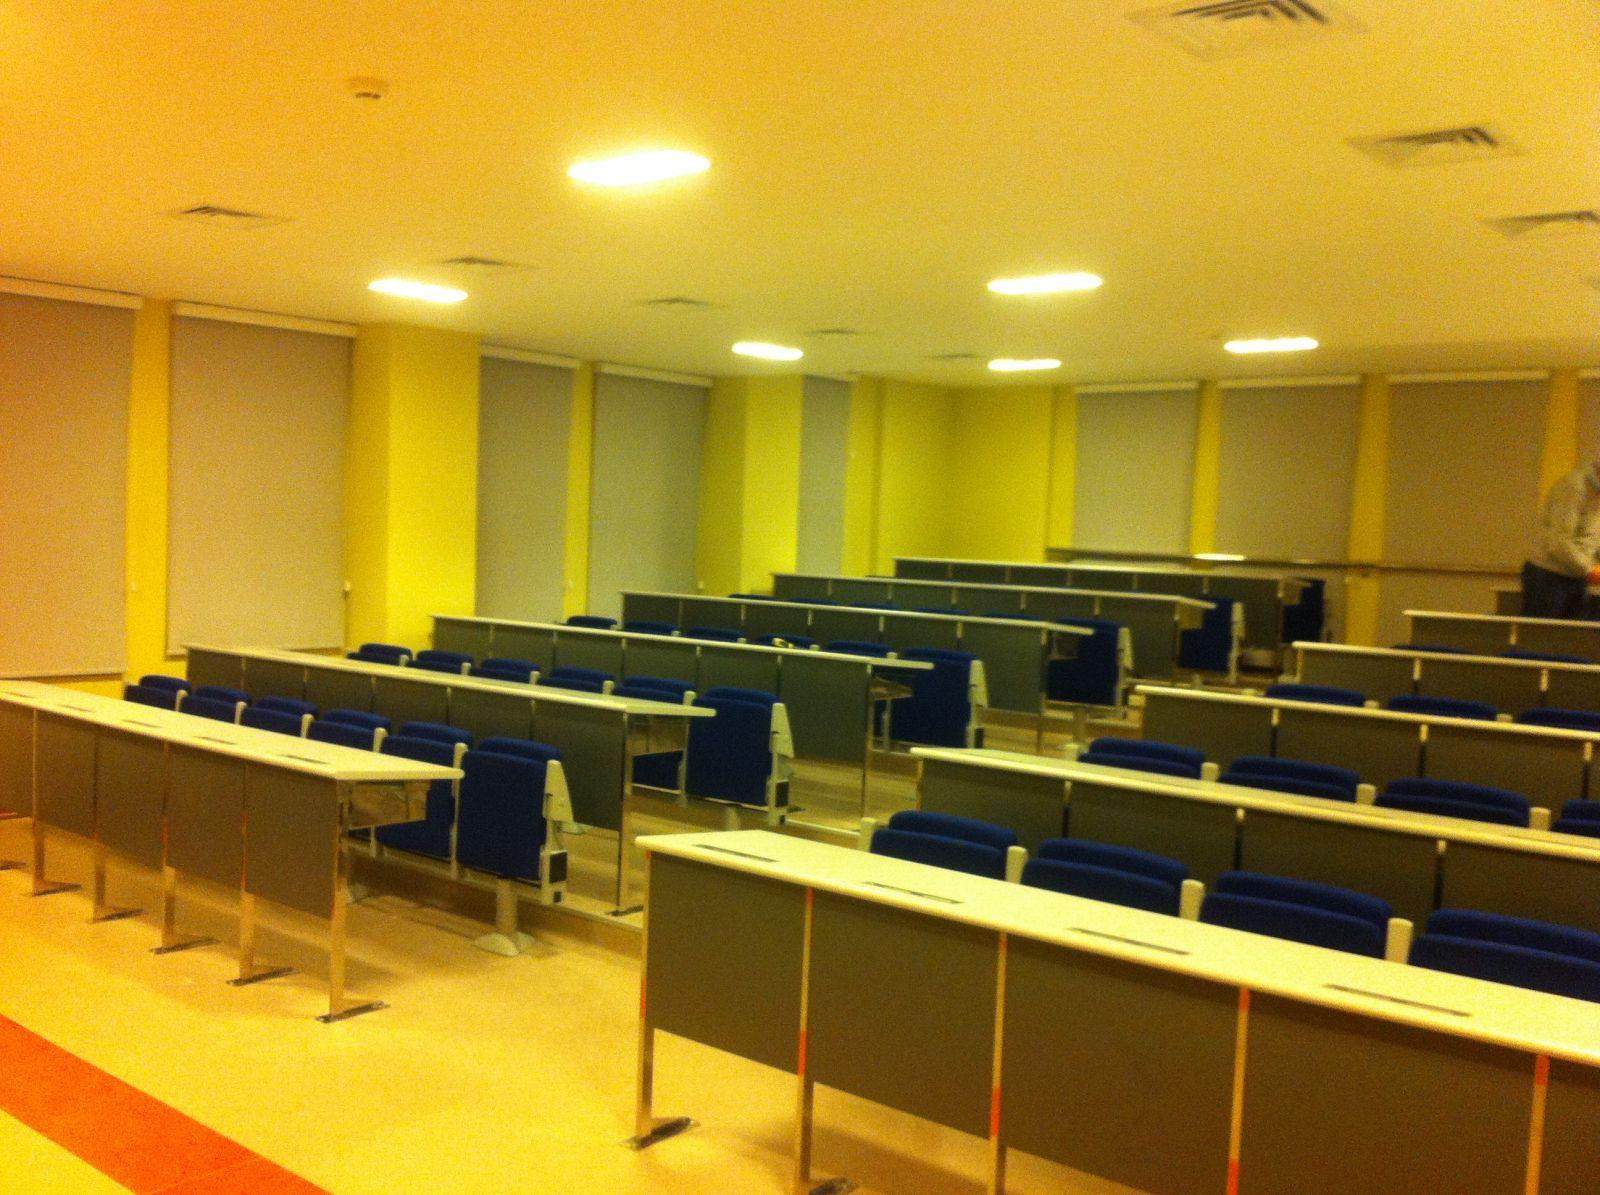 İstanbul Üniversitesi Sekiz Ofis Özel Tasarım Paslanmaz Anfi Sıraları